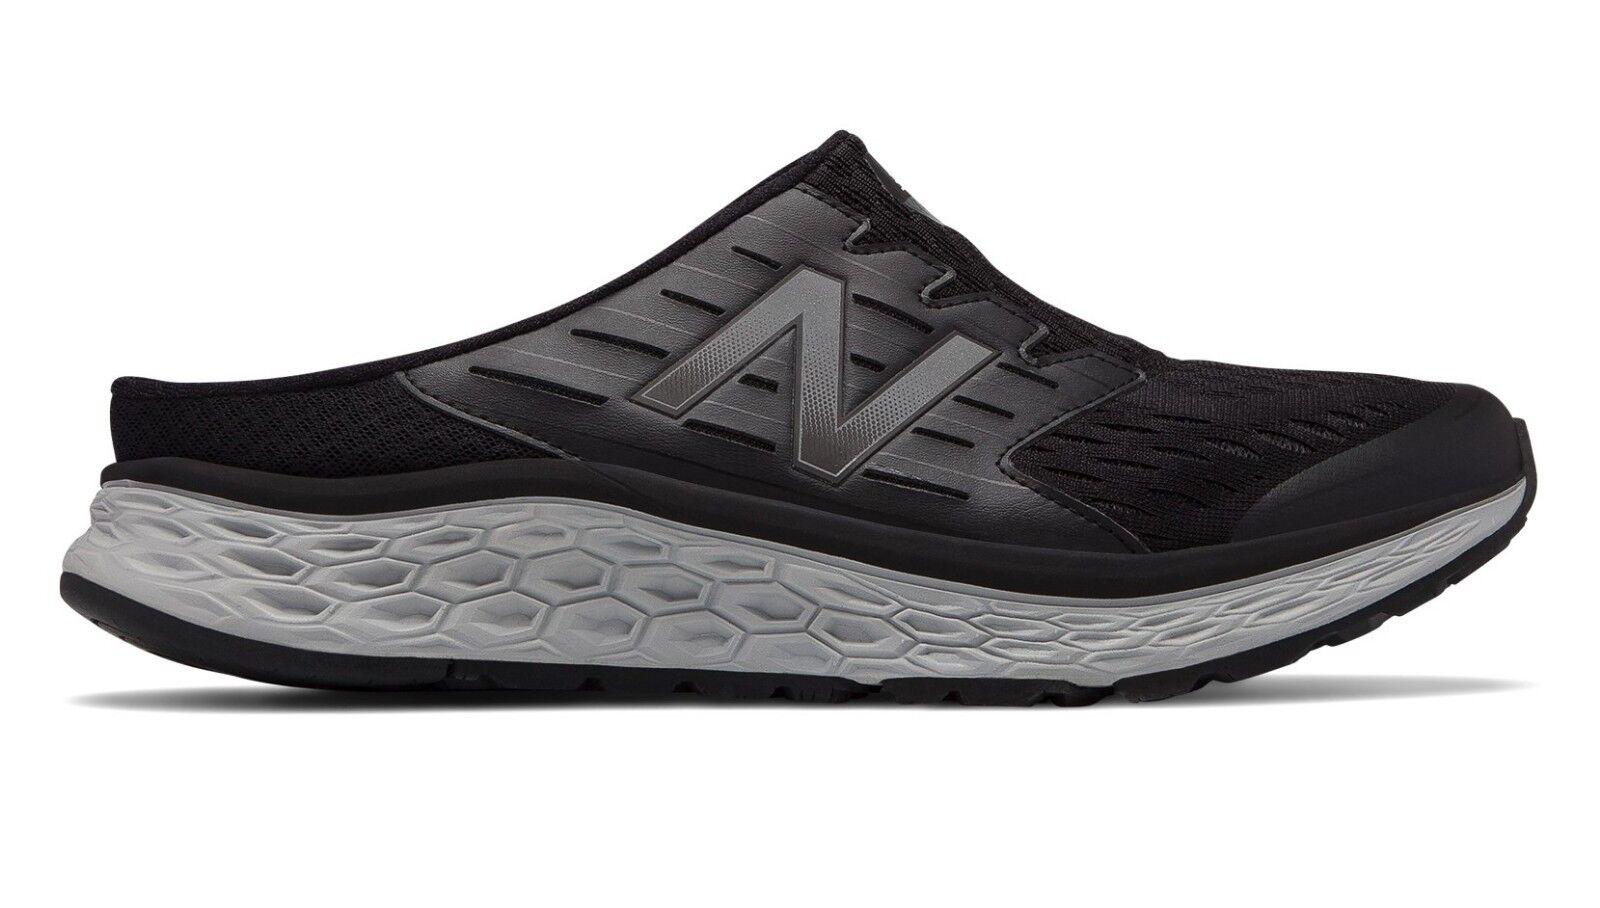 New Balance MA900BK Men's Sport Slip 900 Black Slip On Walking shoes